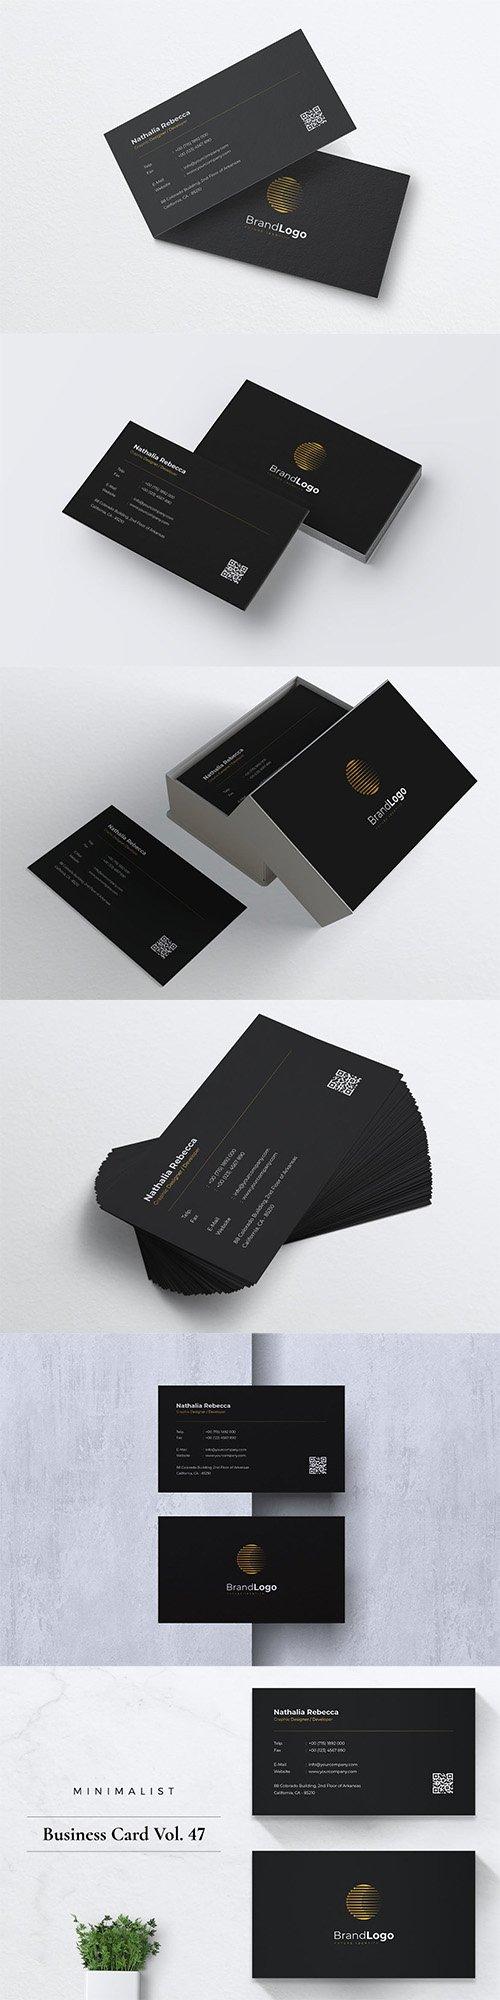 Minimalist Business Card Vol. 47 PSD